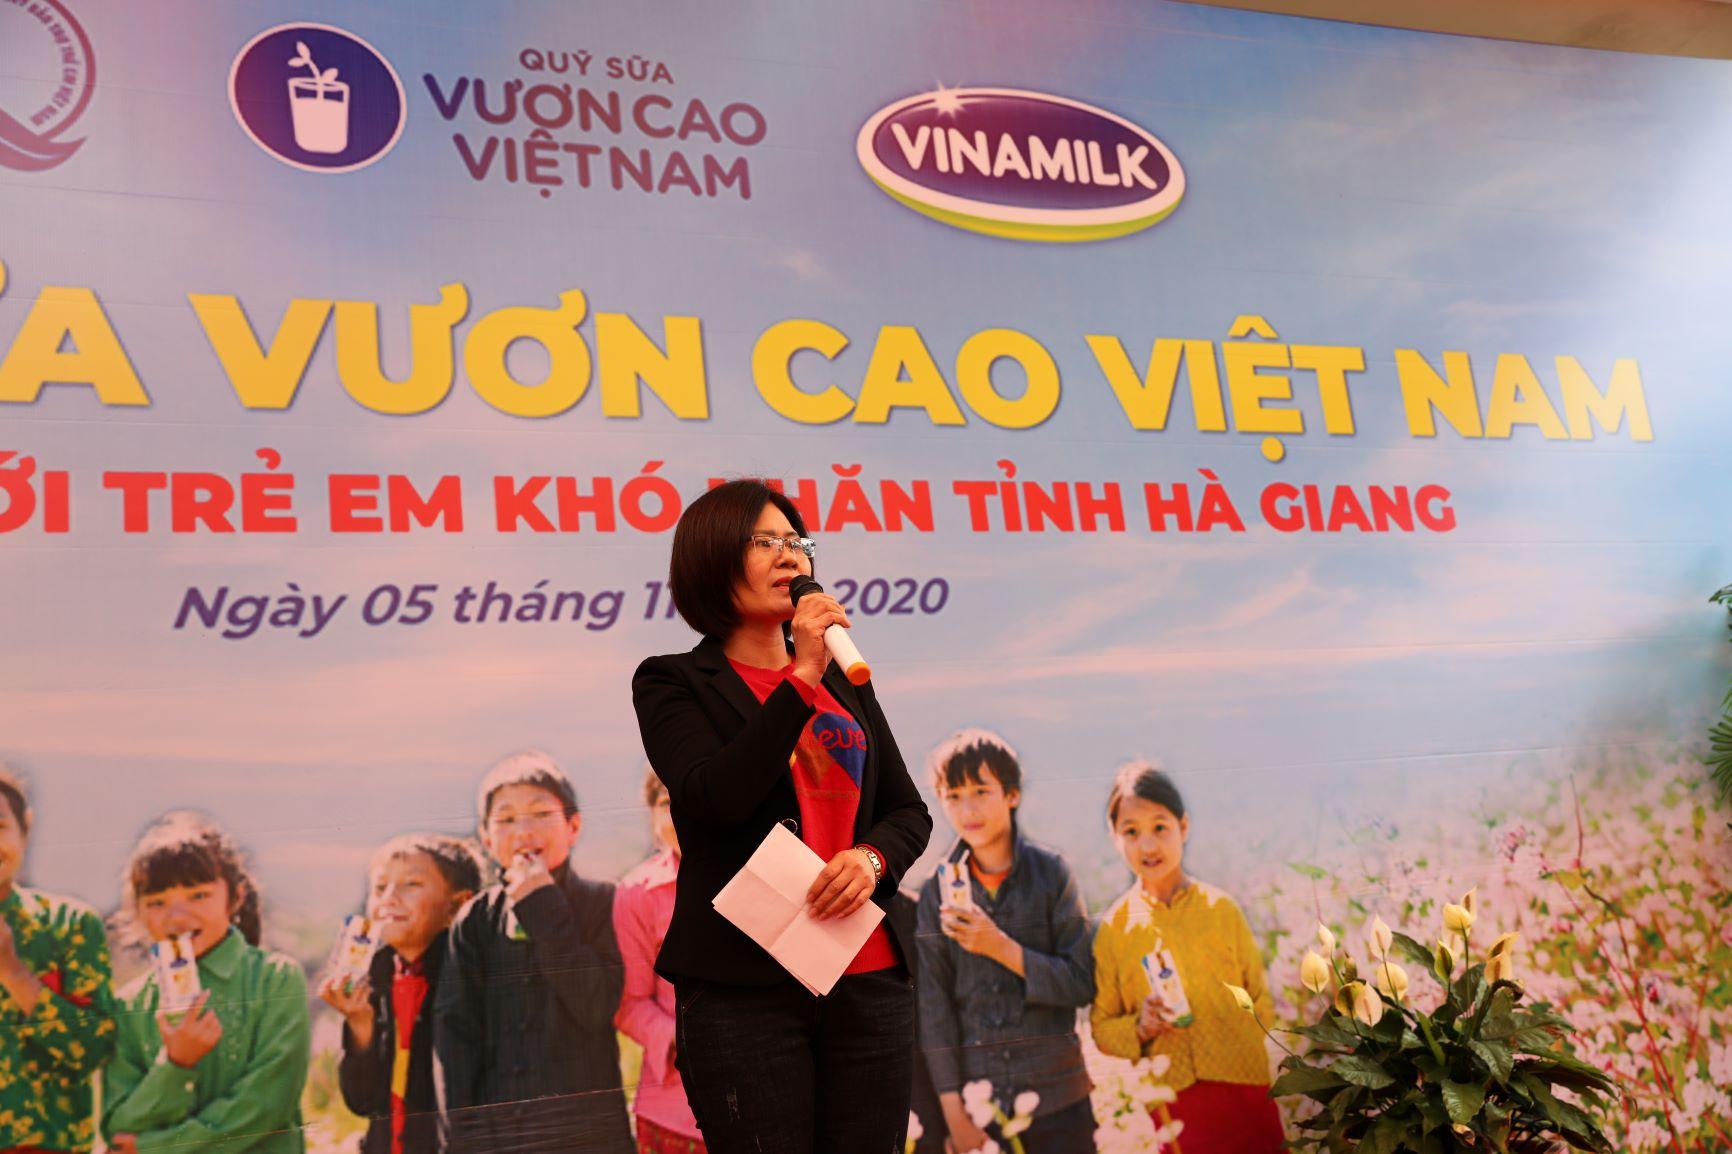 Đến trường với niềm vui uống sữa của trẻ vùng cao Hà Giang đã không còn là ước mơ 4